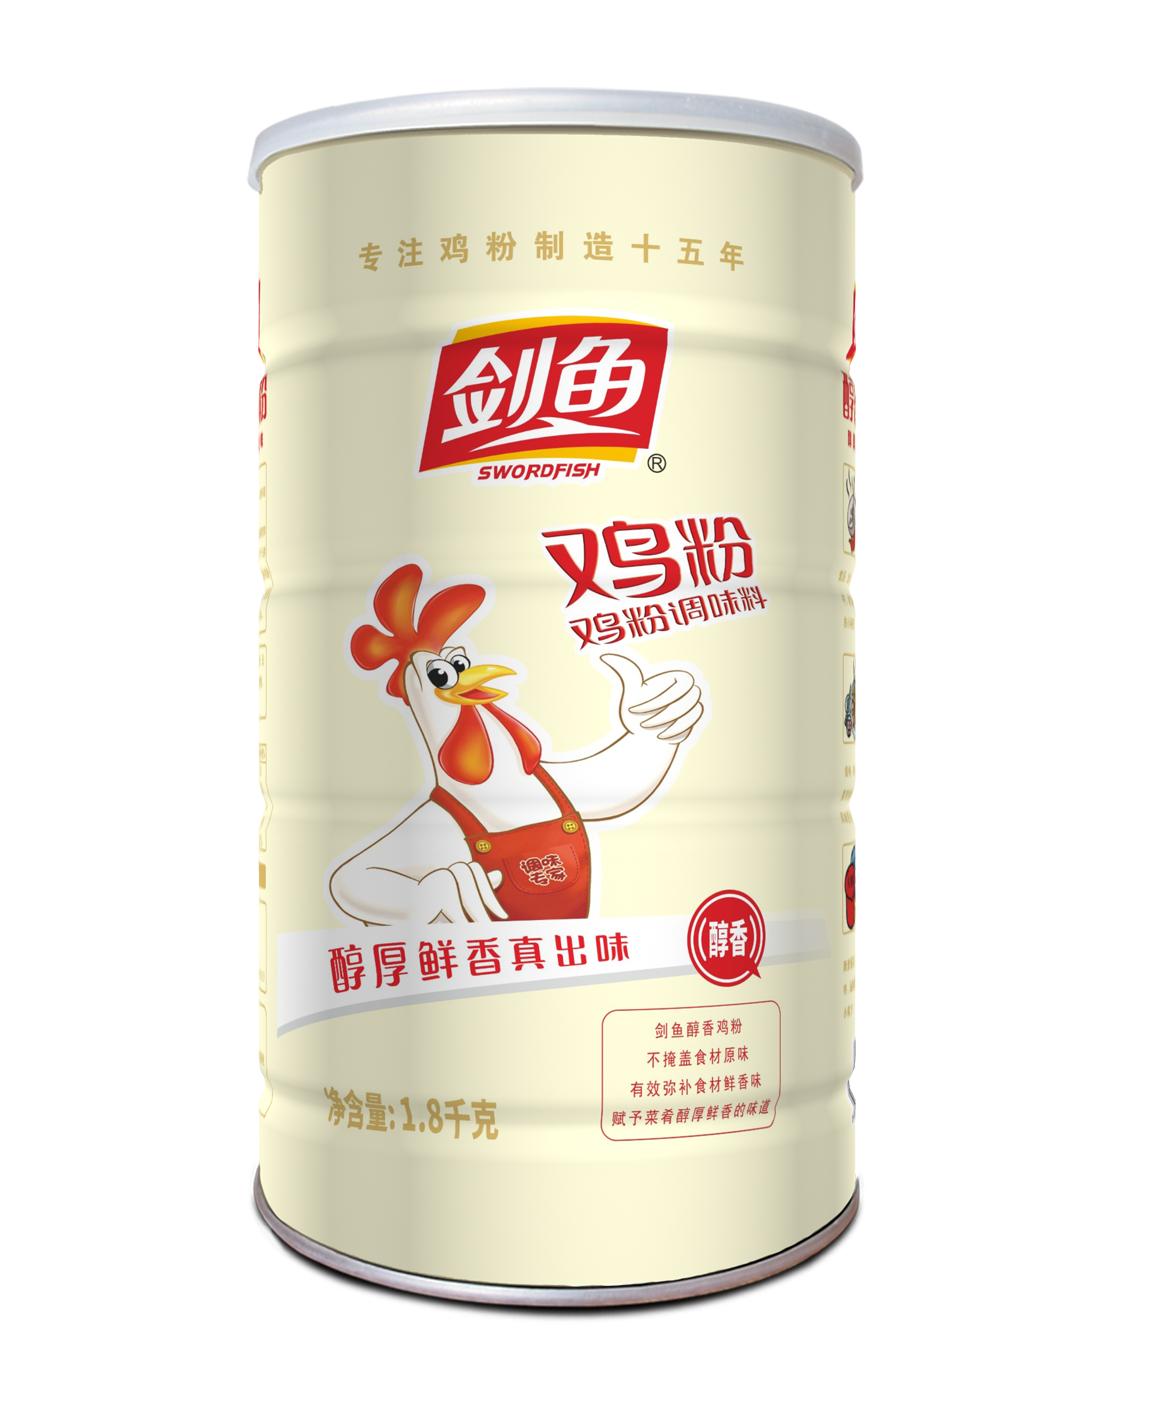 劍魚1.8千克醇香雞粉